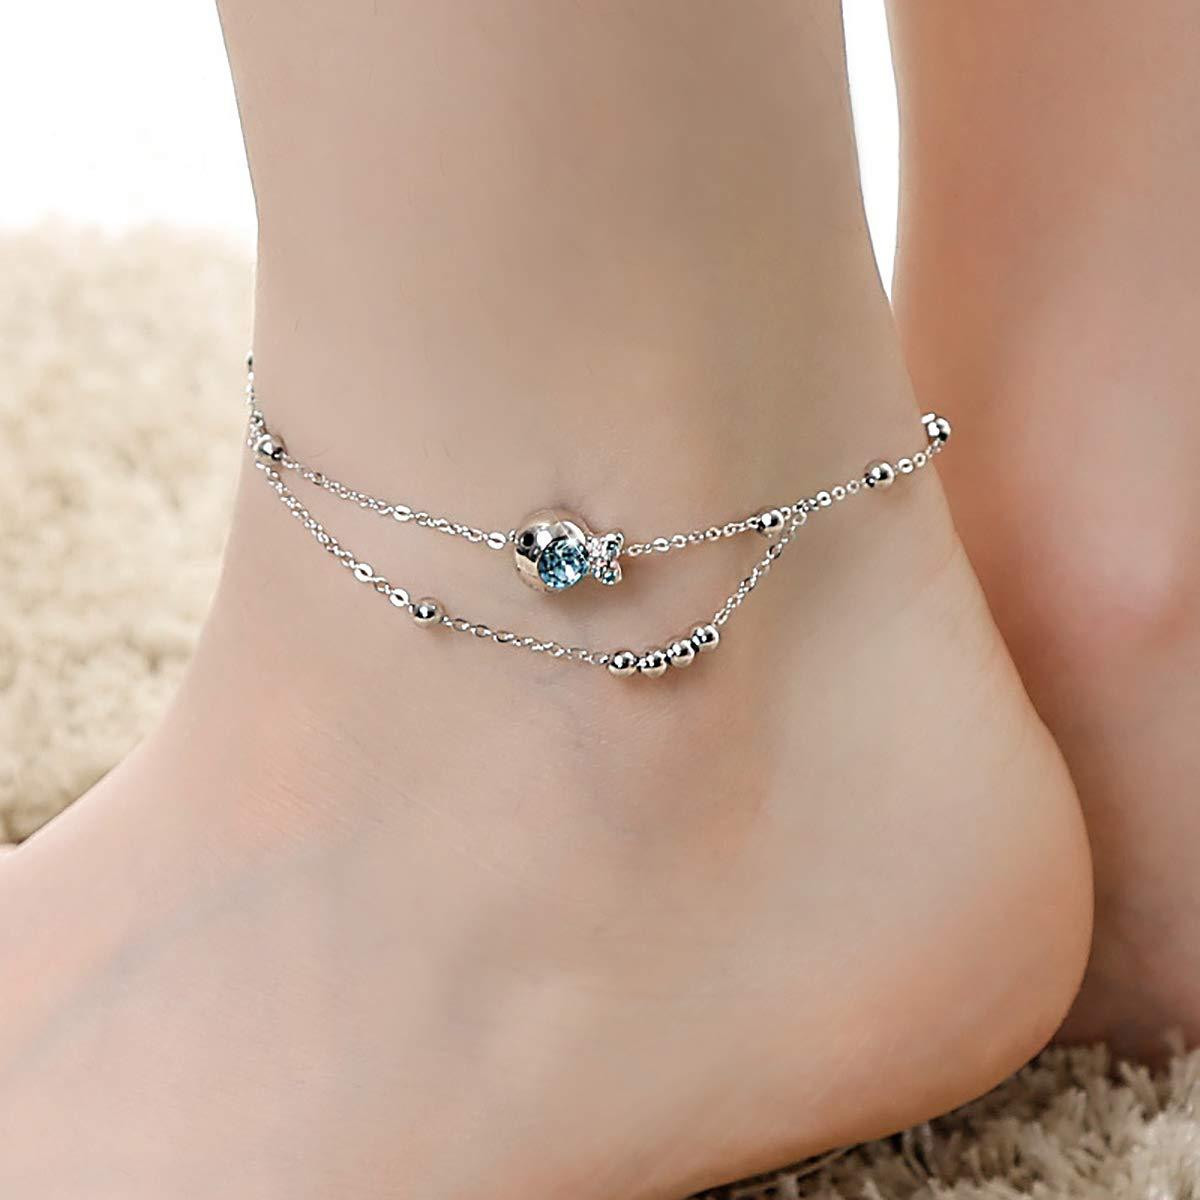 CRYSLOVE Bracelet de cheville avec breloque poisson Boho plaqu/é cristal dor/é 8.2+2.0 cha/îne dextension cheville bijoux de plage aux pieds nus pour femmes filles